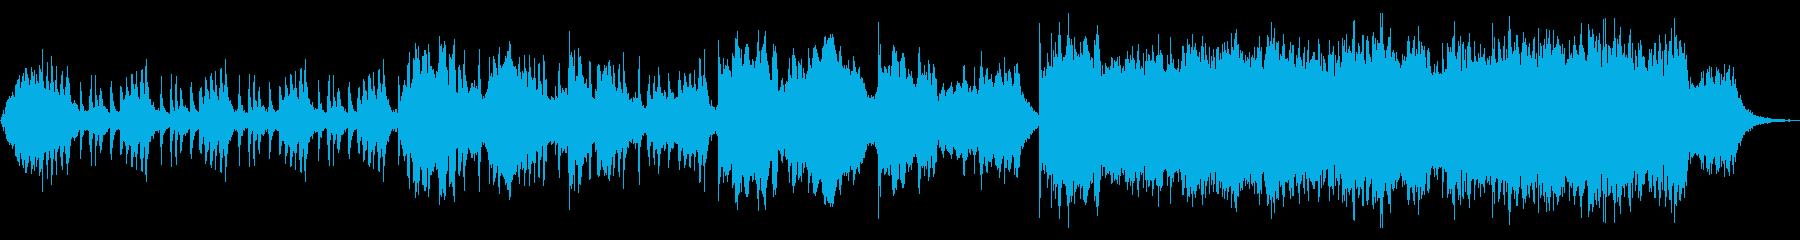 静かに盛り上がる管弦曲の再生済みの波形